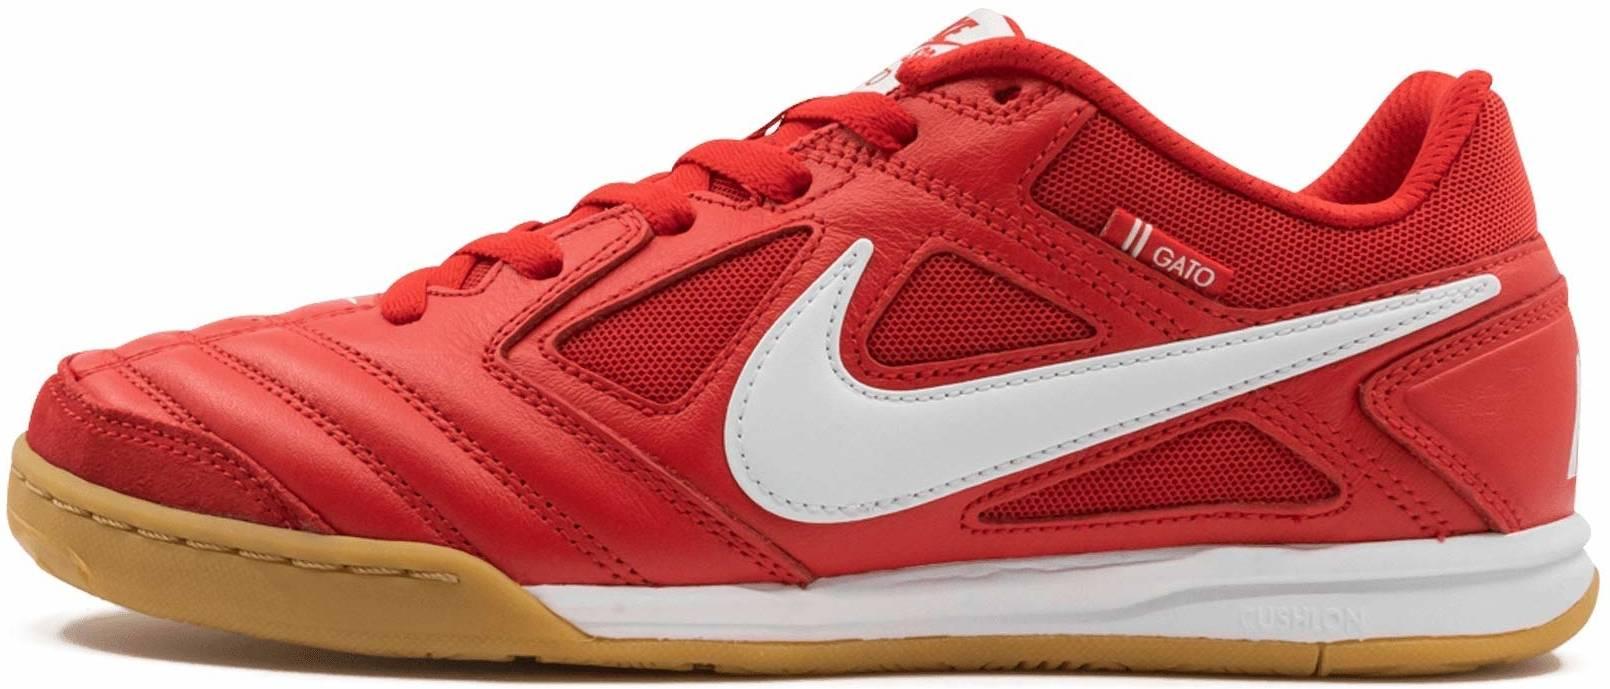 sitio patata desierto  Nike SB Gato sneakers in red   RunRepeat